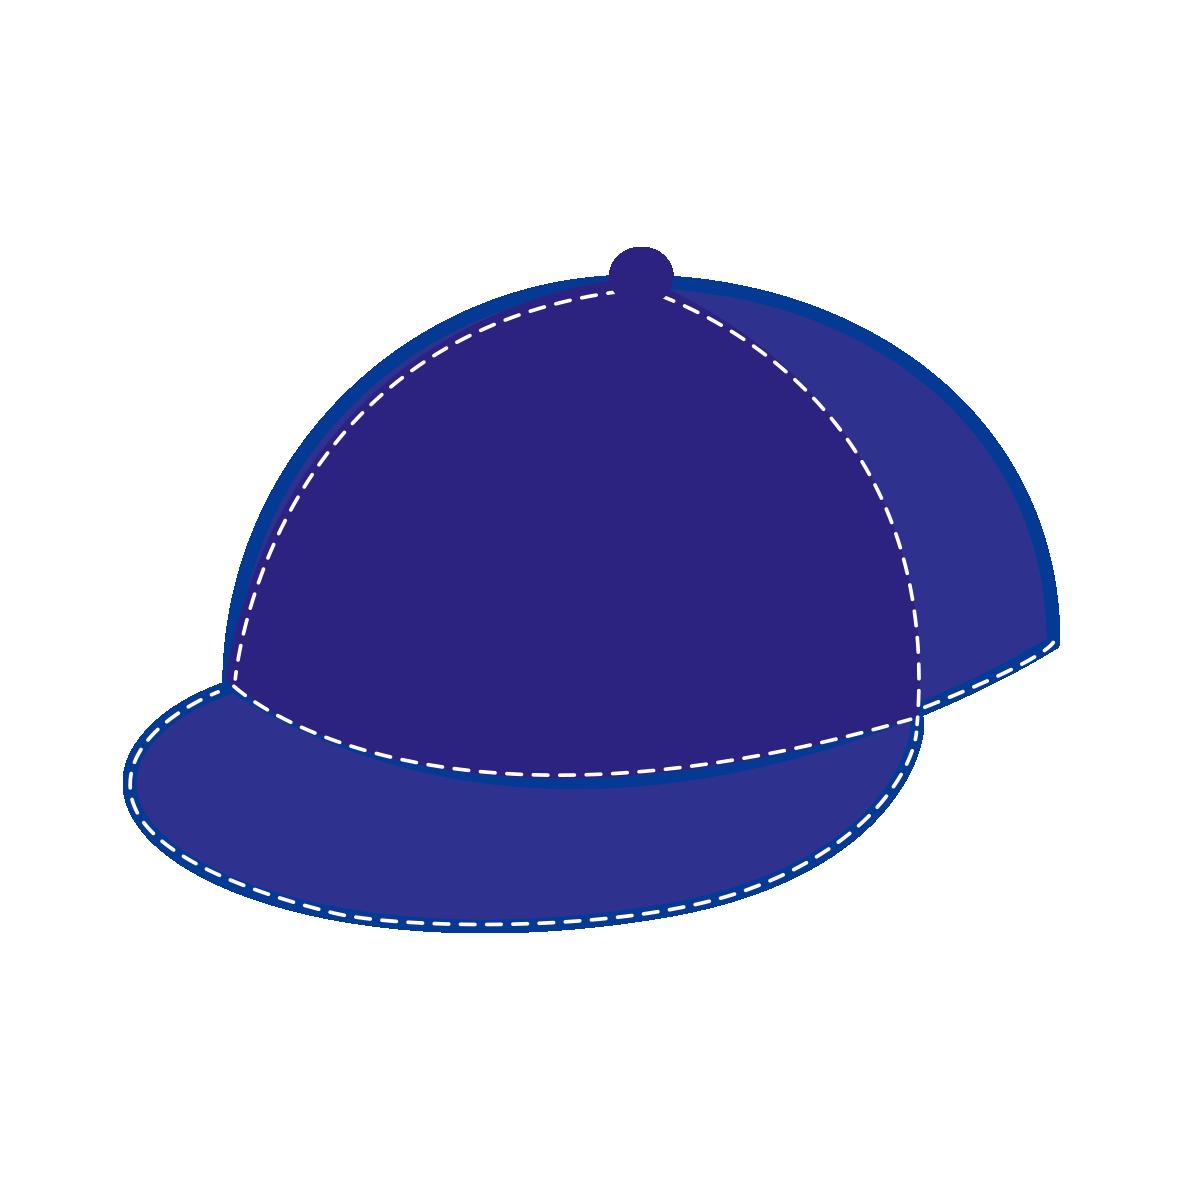 帽子のイラスト一覧 無料イラスト愛